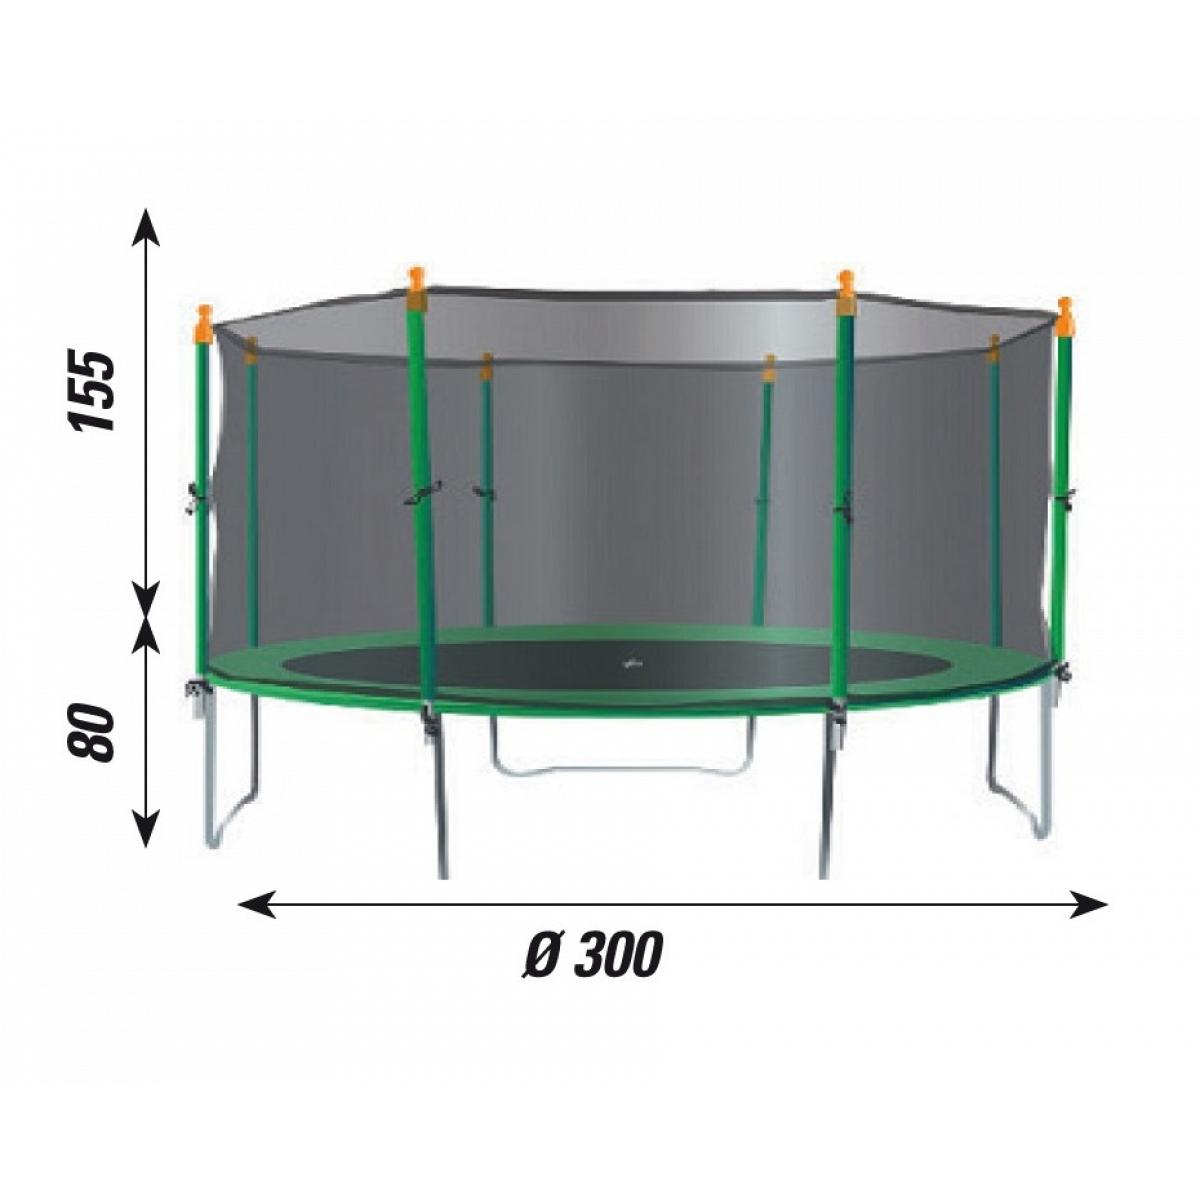 Kinder trampolin mit sicherheitsnetz verdegarden mod te300 for Gartenpool 300 cm